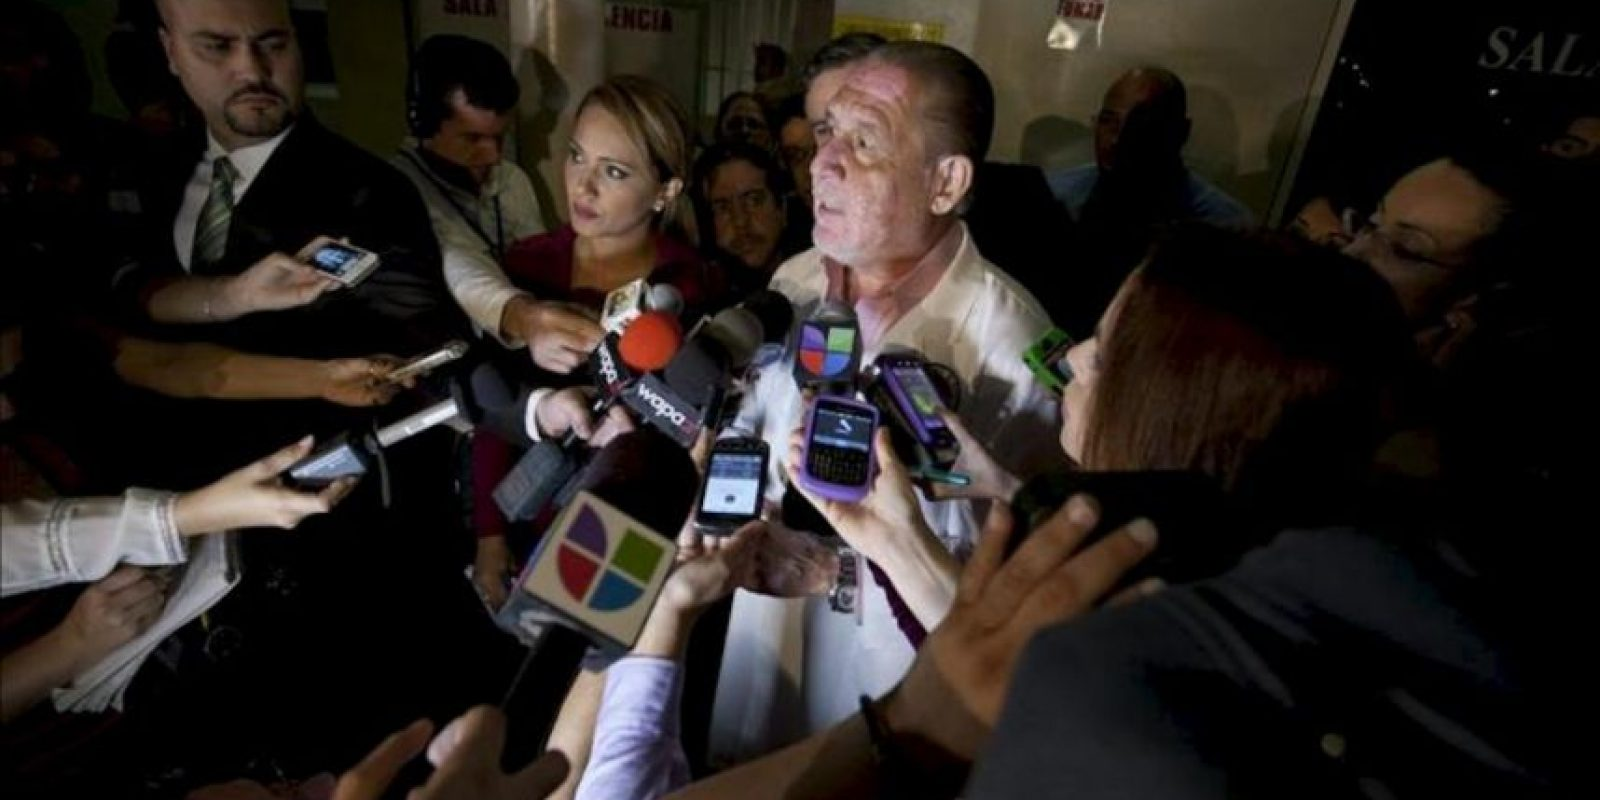 Ernesto Torres, director del Centro Médico, da declaraciones a la prensa en San Juan, Puerto Rico, luego de atender al excampeón de la Organización Mundial de Boxeo, quien se encuentra recluido en estado crítico a consecuencia del balazo que recibió por la noche. EFE